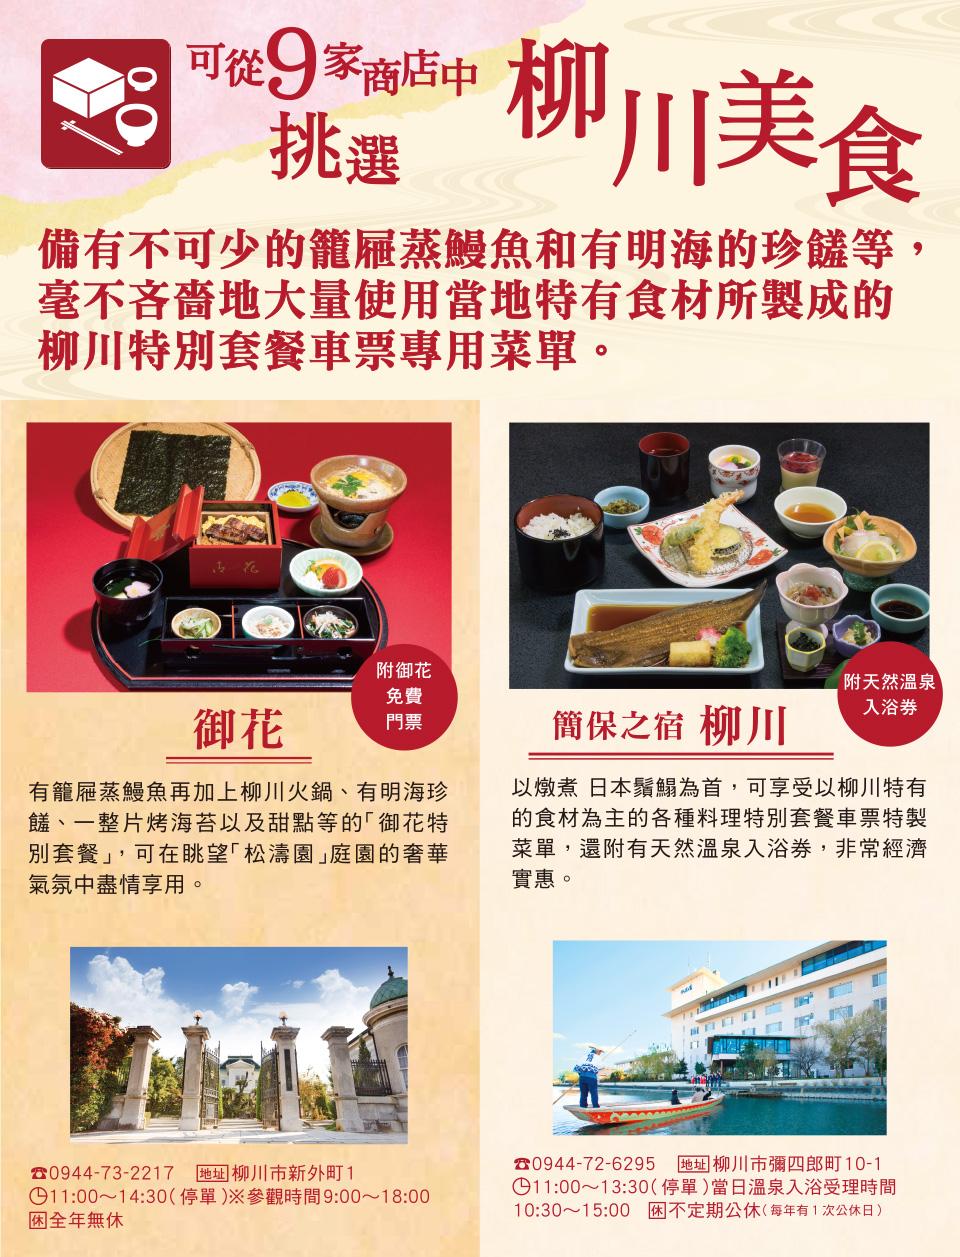 柳川交通票券-柳川特別套餐車票(交通,柳川遊船票,美食)